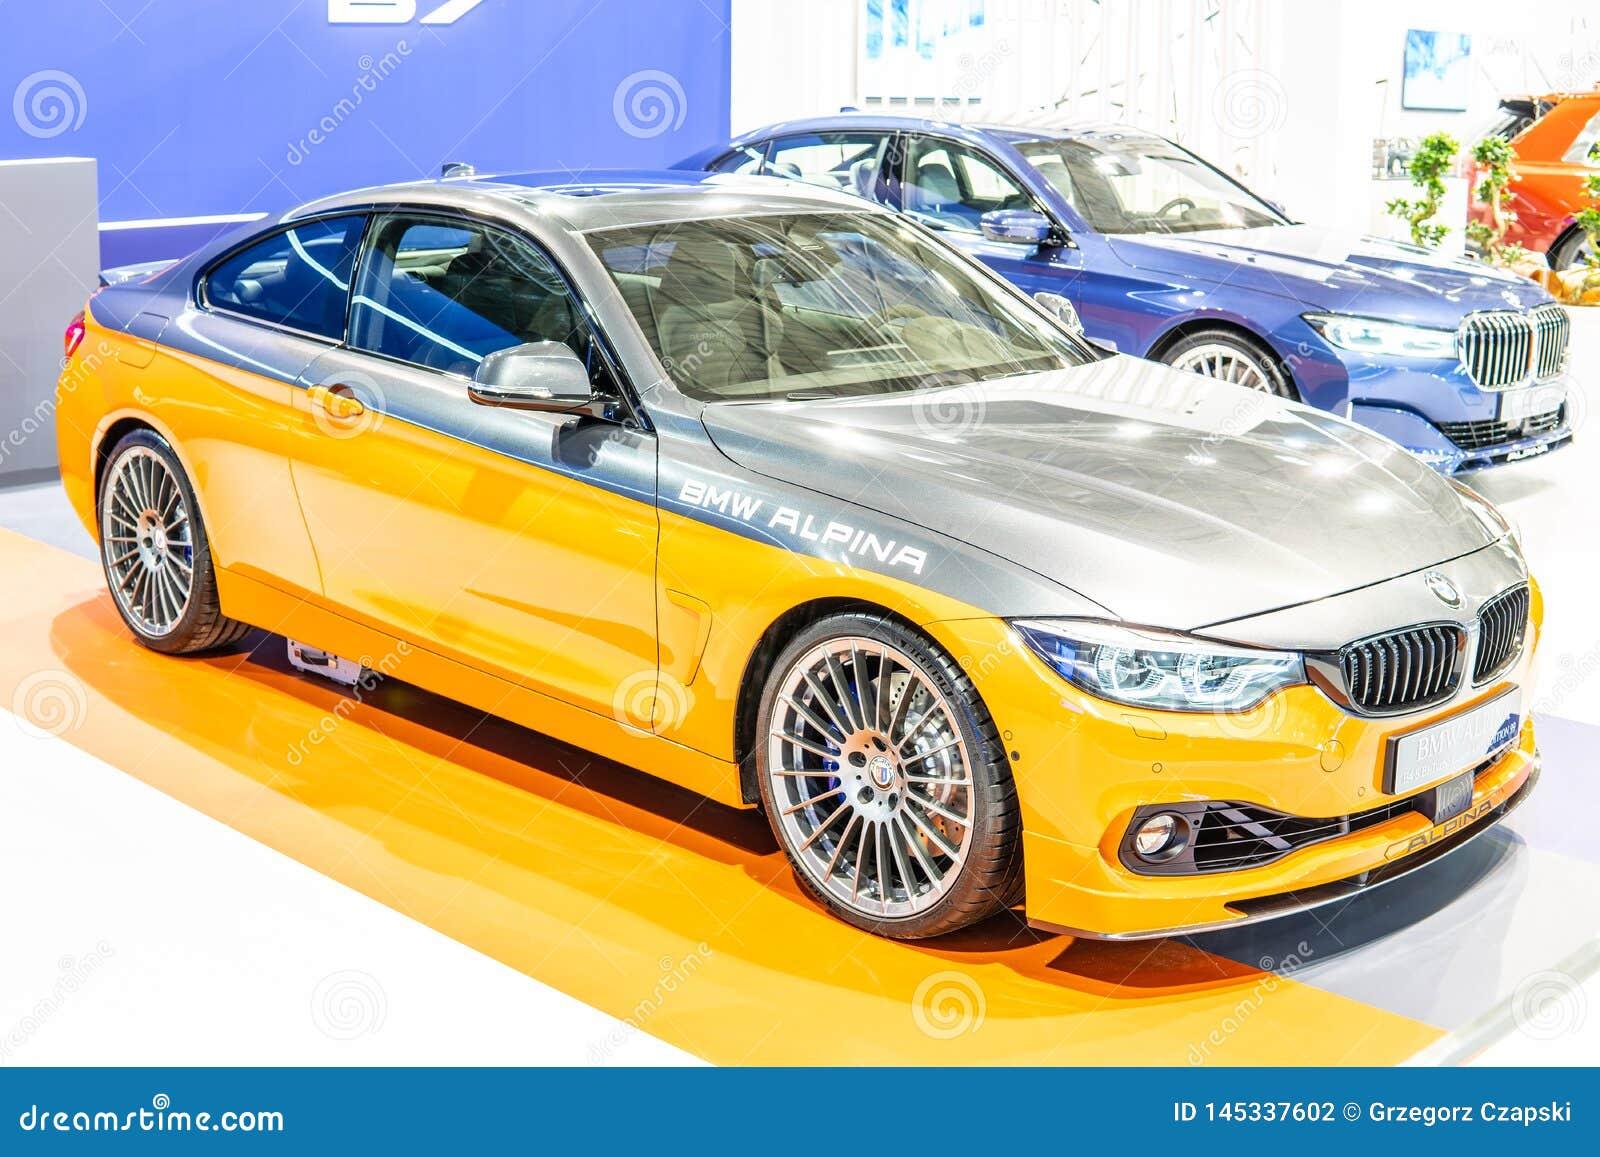 BMW ALPINA B4 s BITURBO Edition99, Alpina Burkard Bovensiepen ГмбХ начинает и продает высокопроизводительные версии автомобилей B